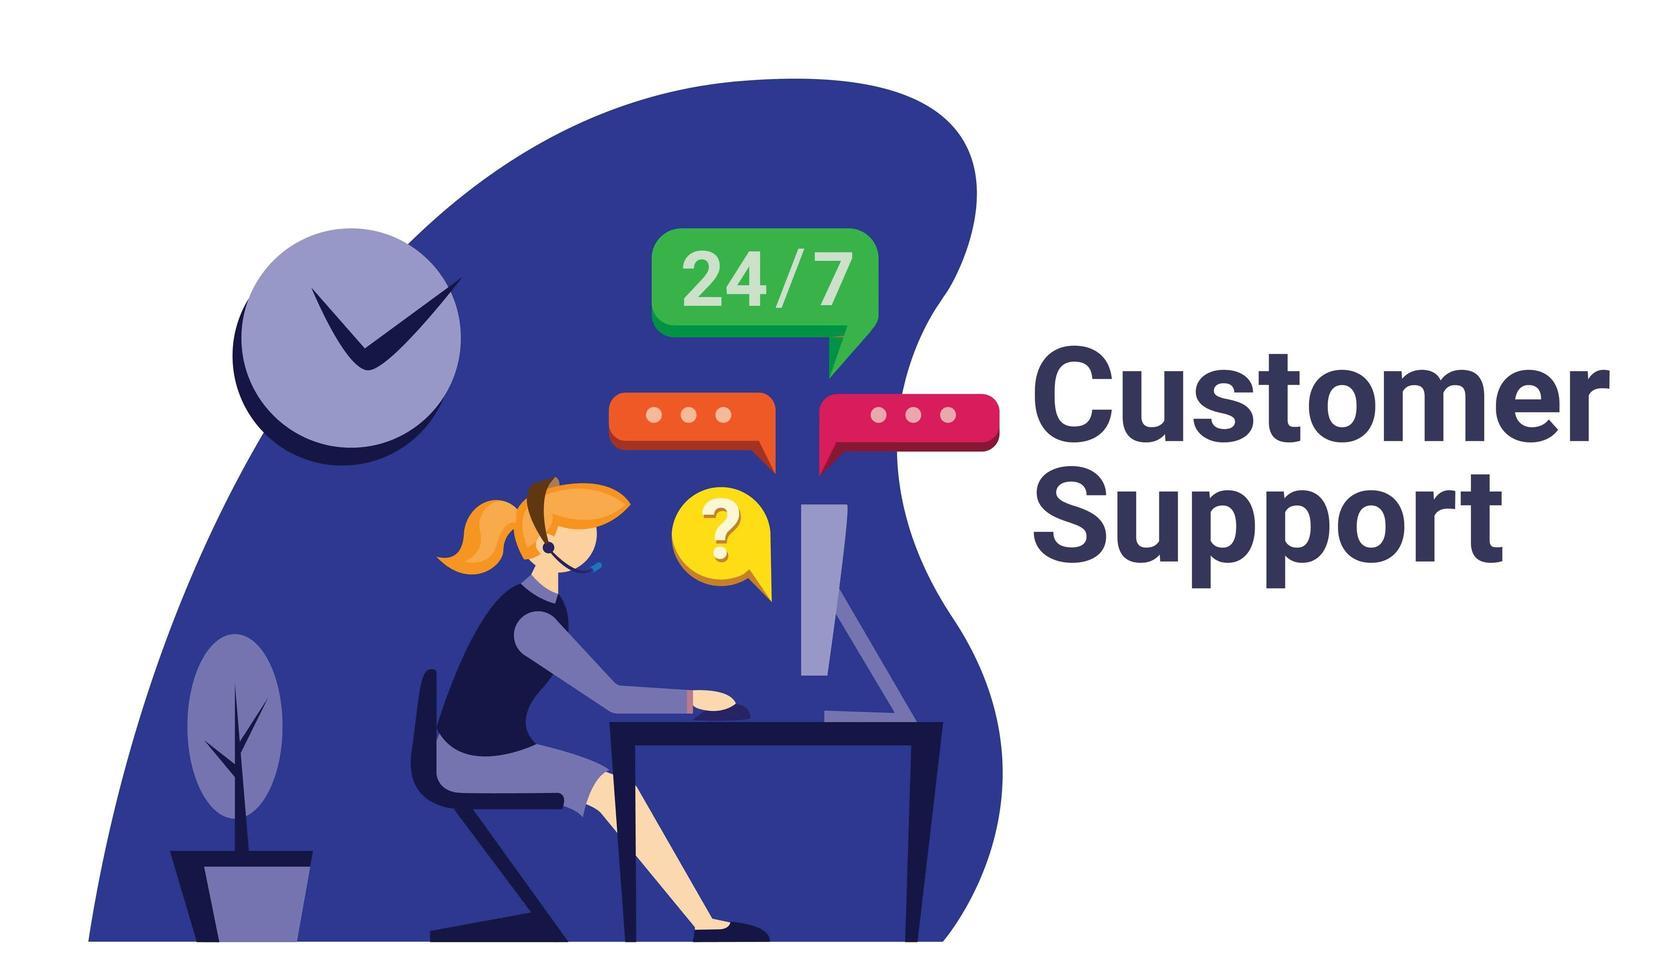 Customer support flat illustration  vector